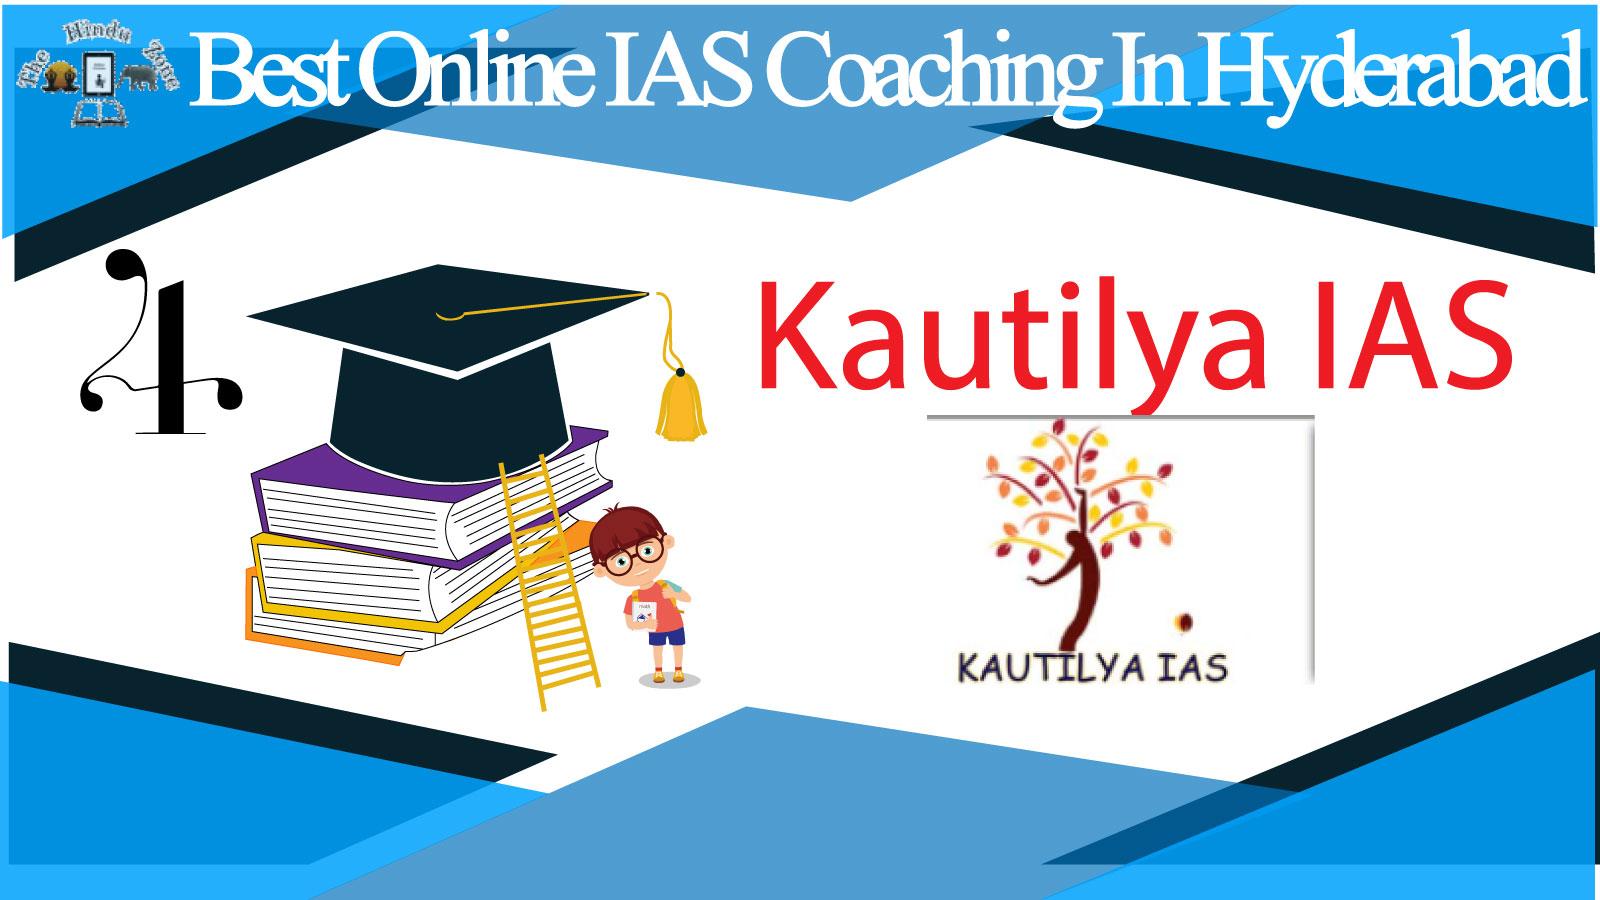 Kautilya IAS Online Coaching in Hyderabad